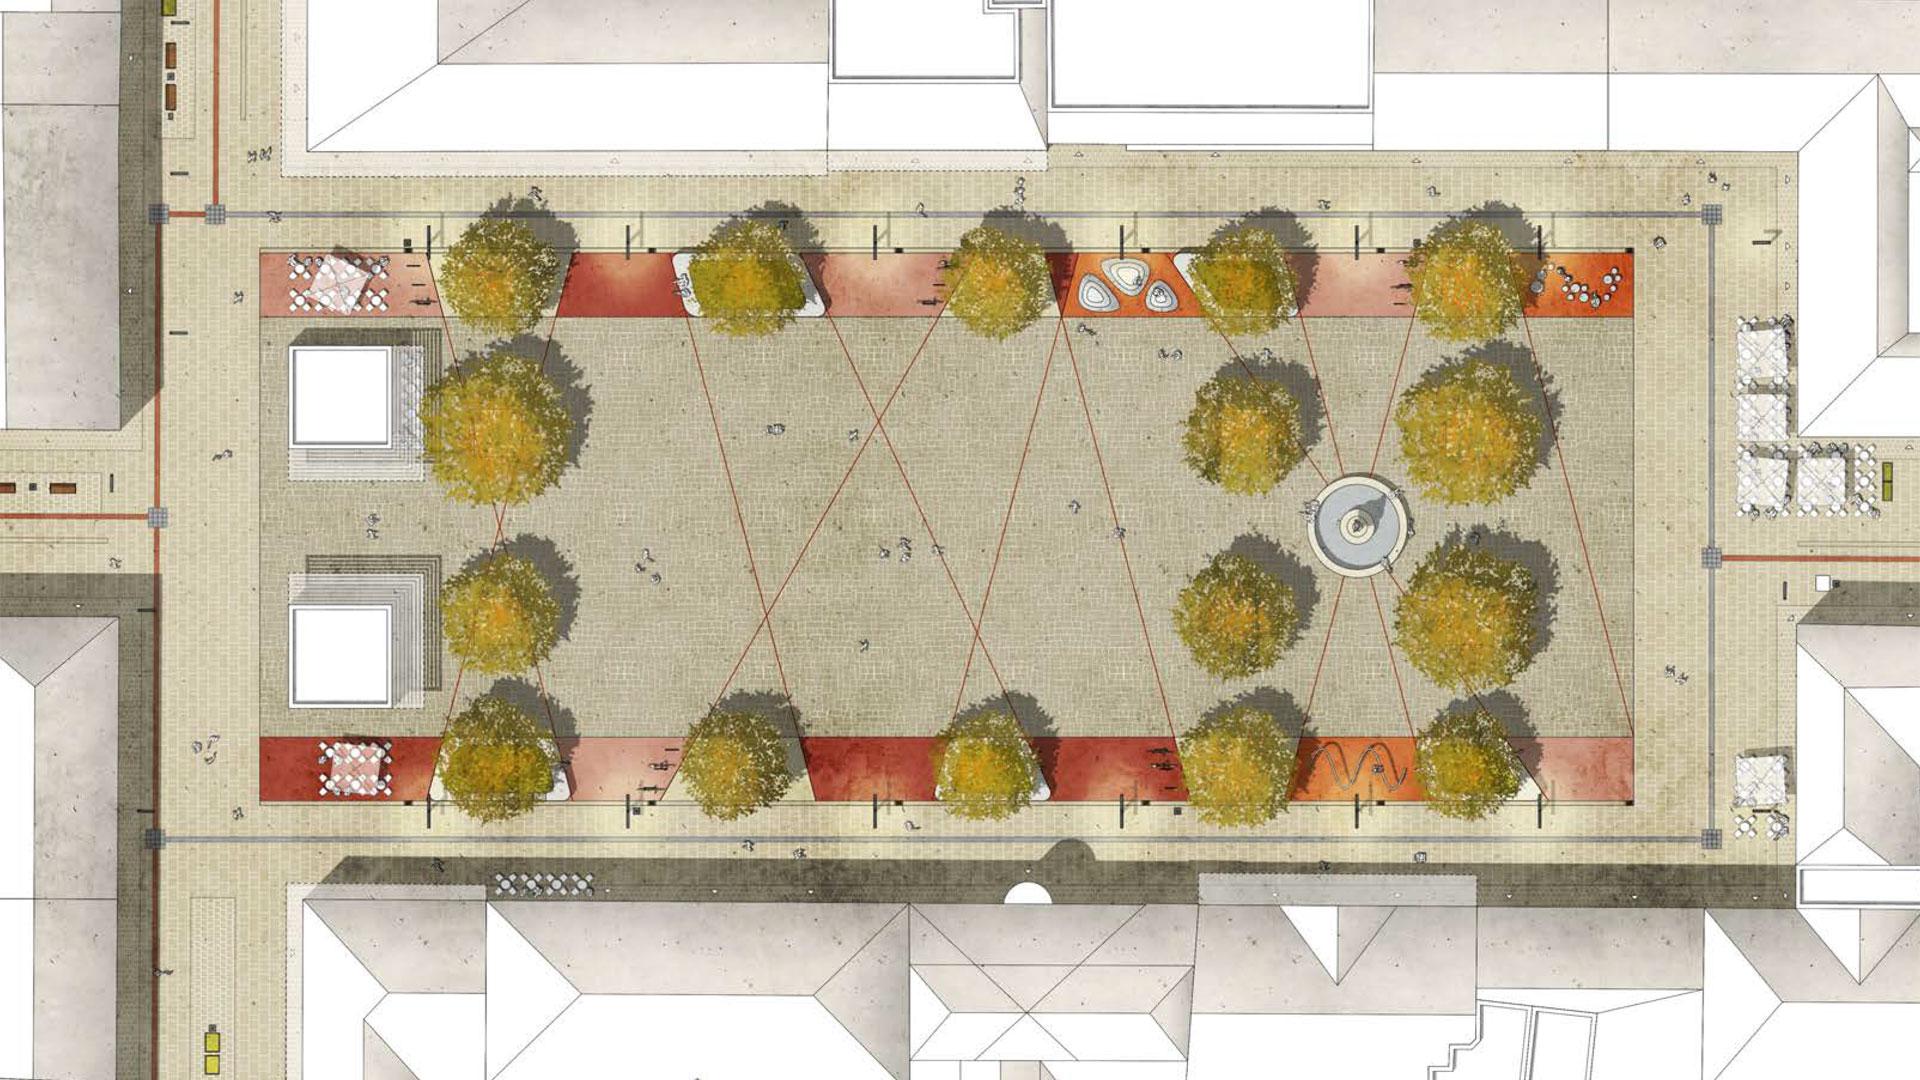 In der Visualisierung von HDK Dutt & Kist ist zu sehen, dass vier Platanen in der Platzmitte verschwinden sollen. Grafik: HDK Dutt & Kist. © Stadt Limburg